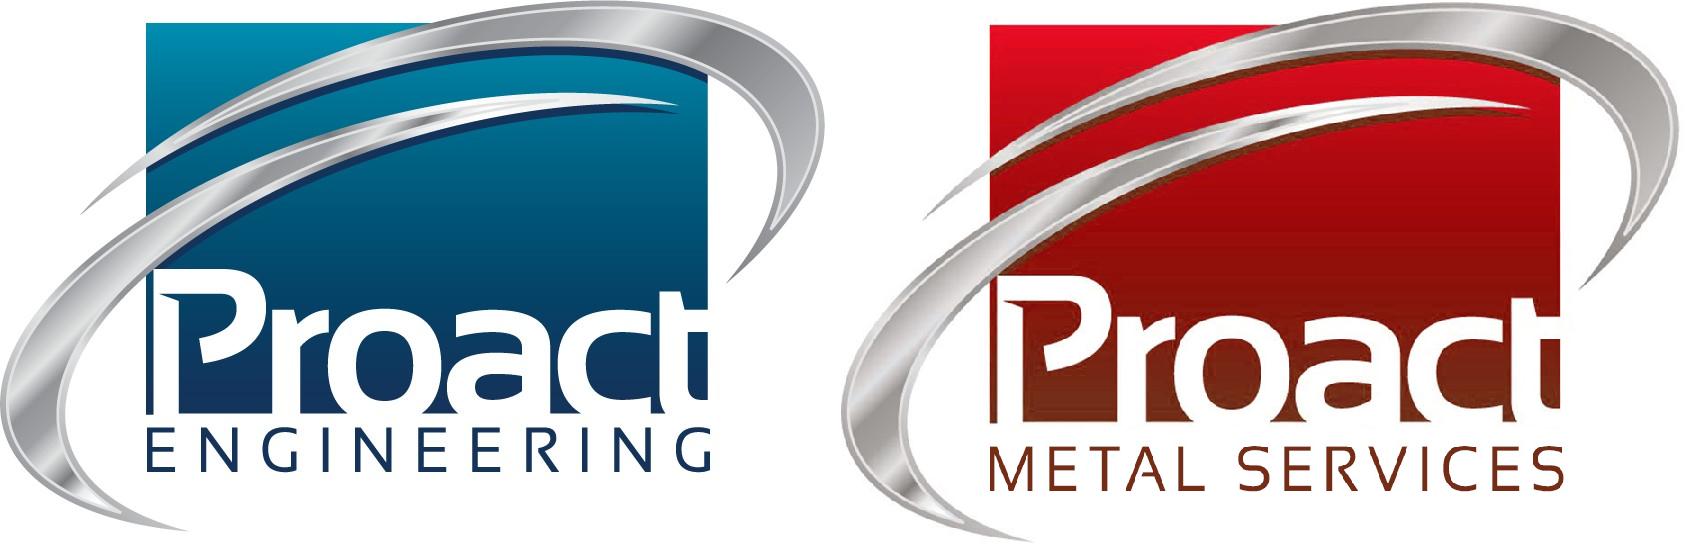 Proact Engineering logo